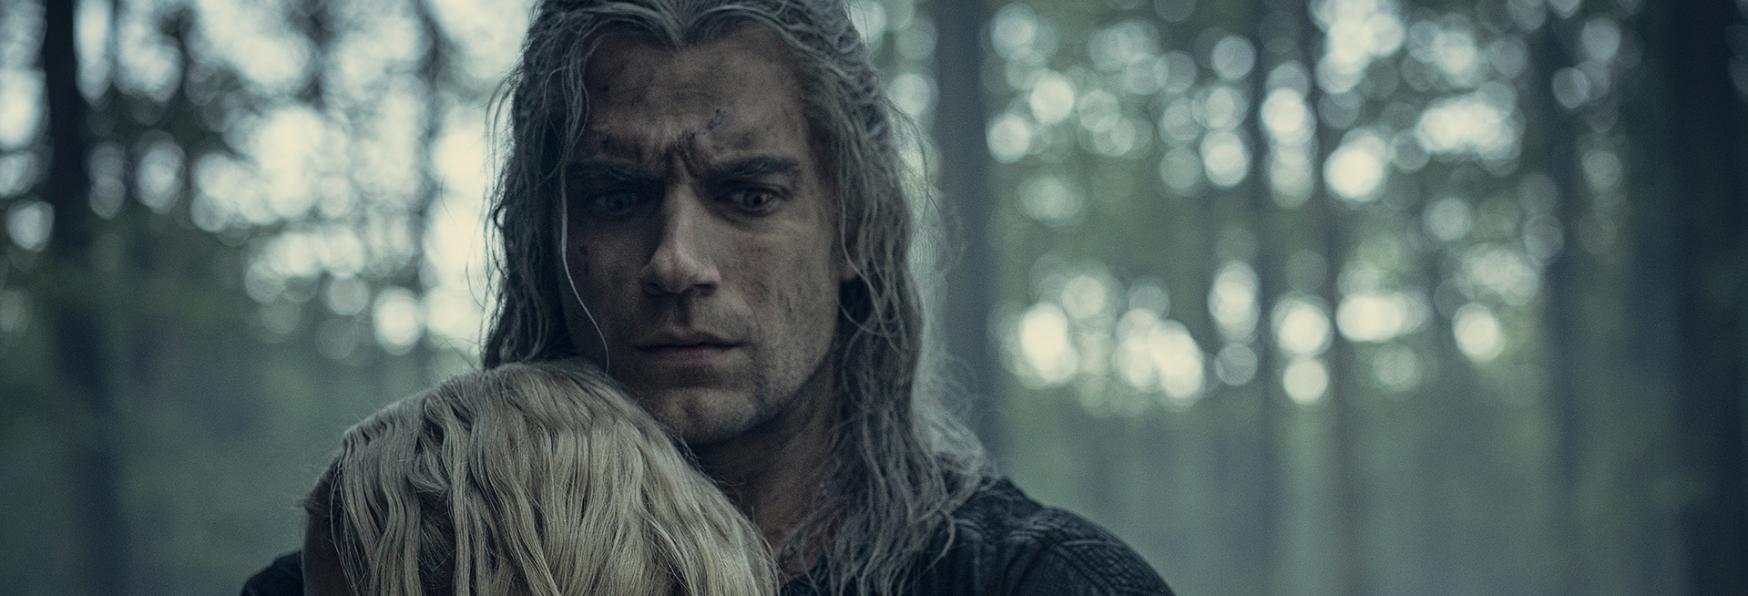 The Witcher 2: la nuova Stagione mostrerà alcuni Flashback sulla Famiglia di Ciri